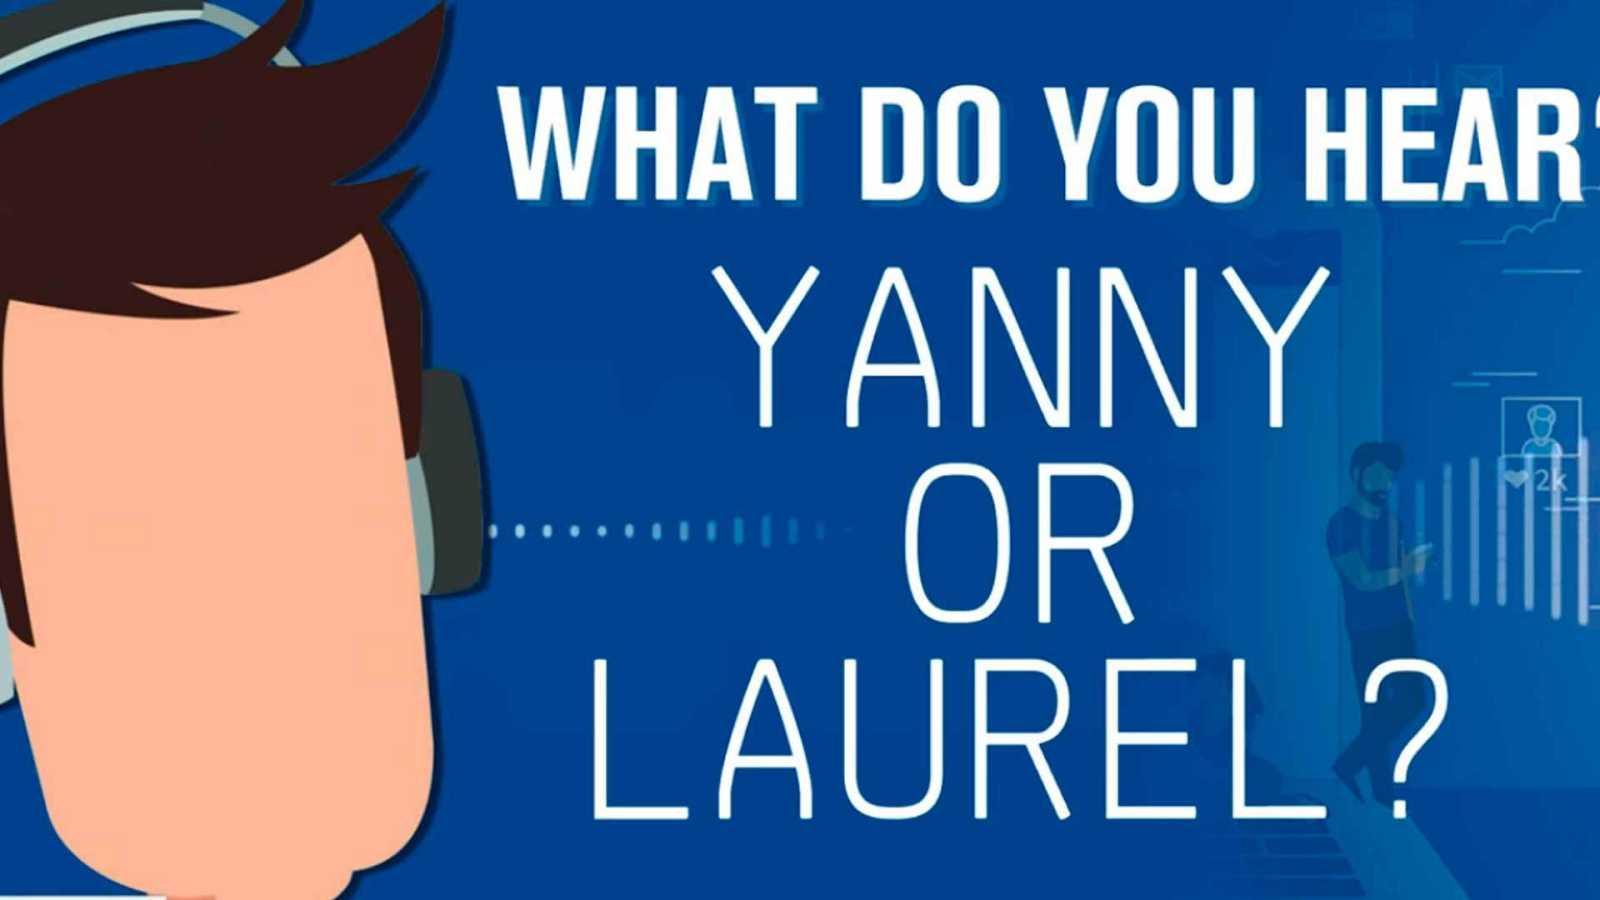 ¿Yanny o Laurel? Te desvelamos qué dice en realidad el audio viral del momento.